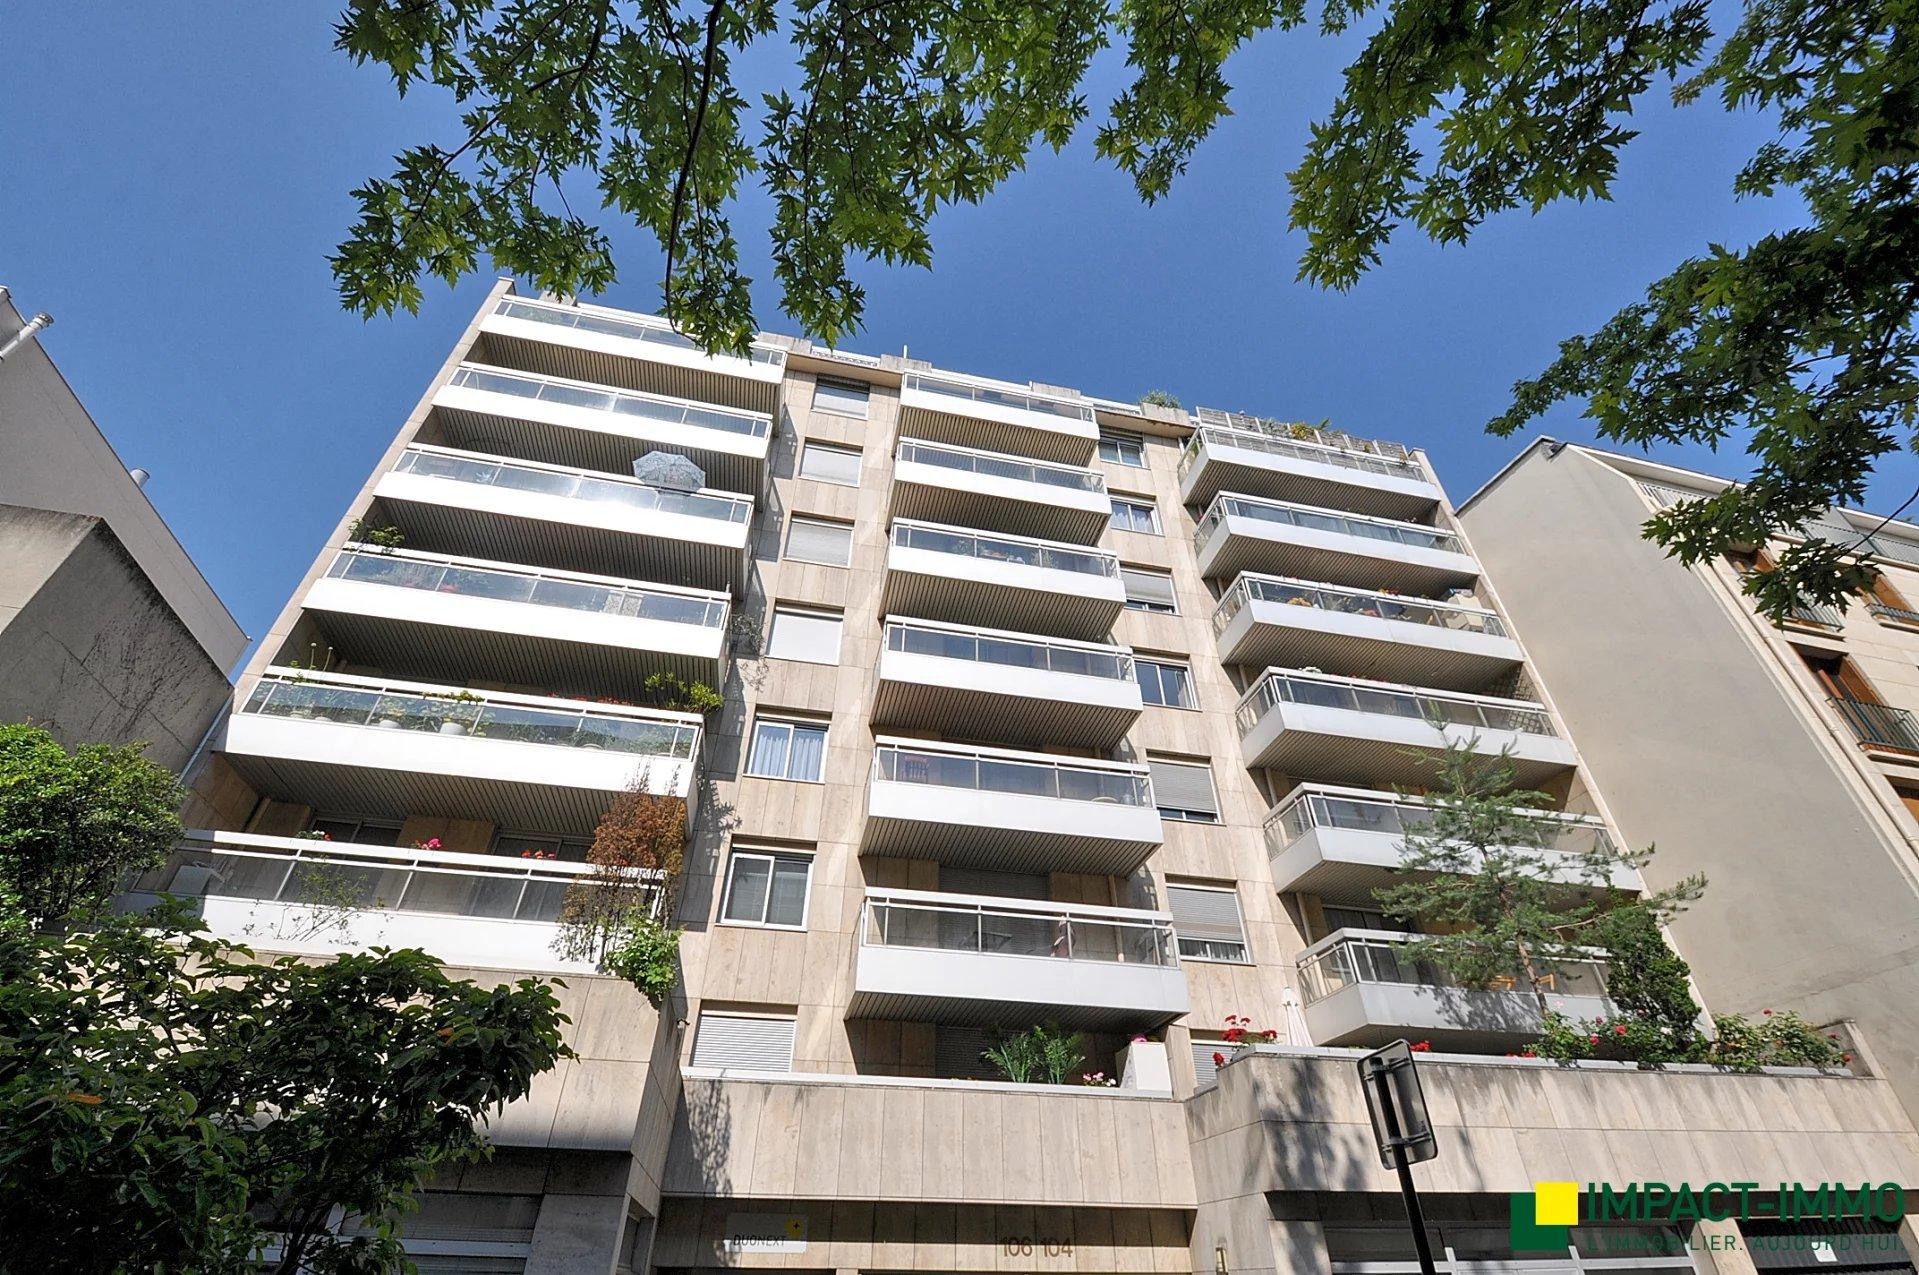 Les Passages - 5 p balcons parking